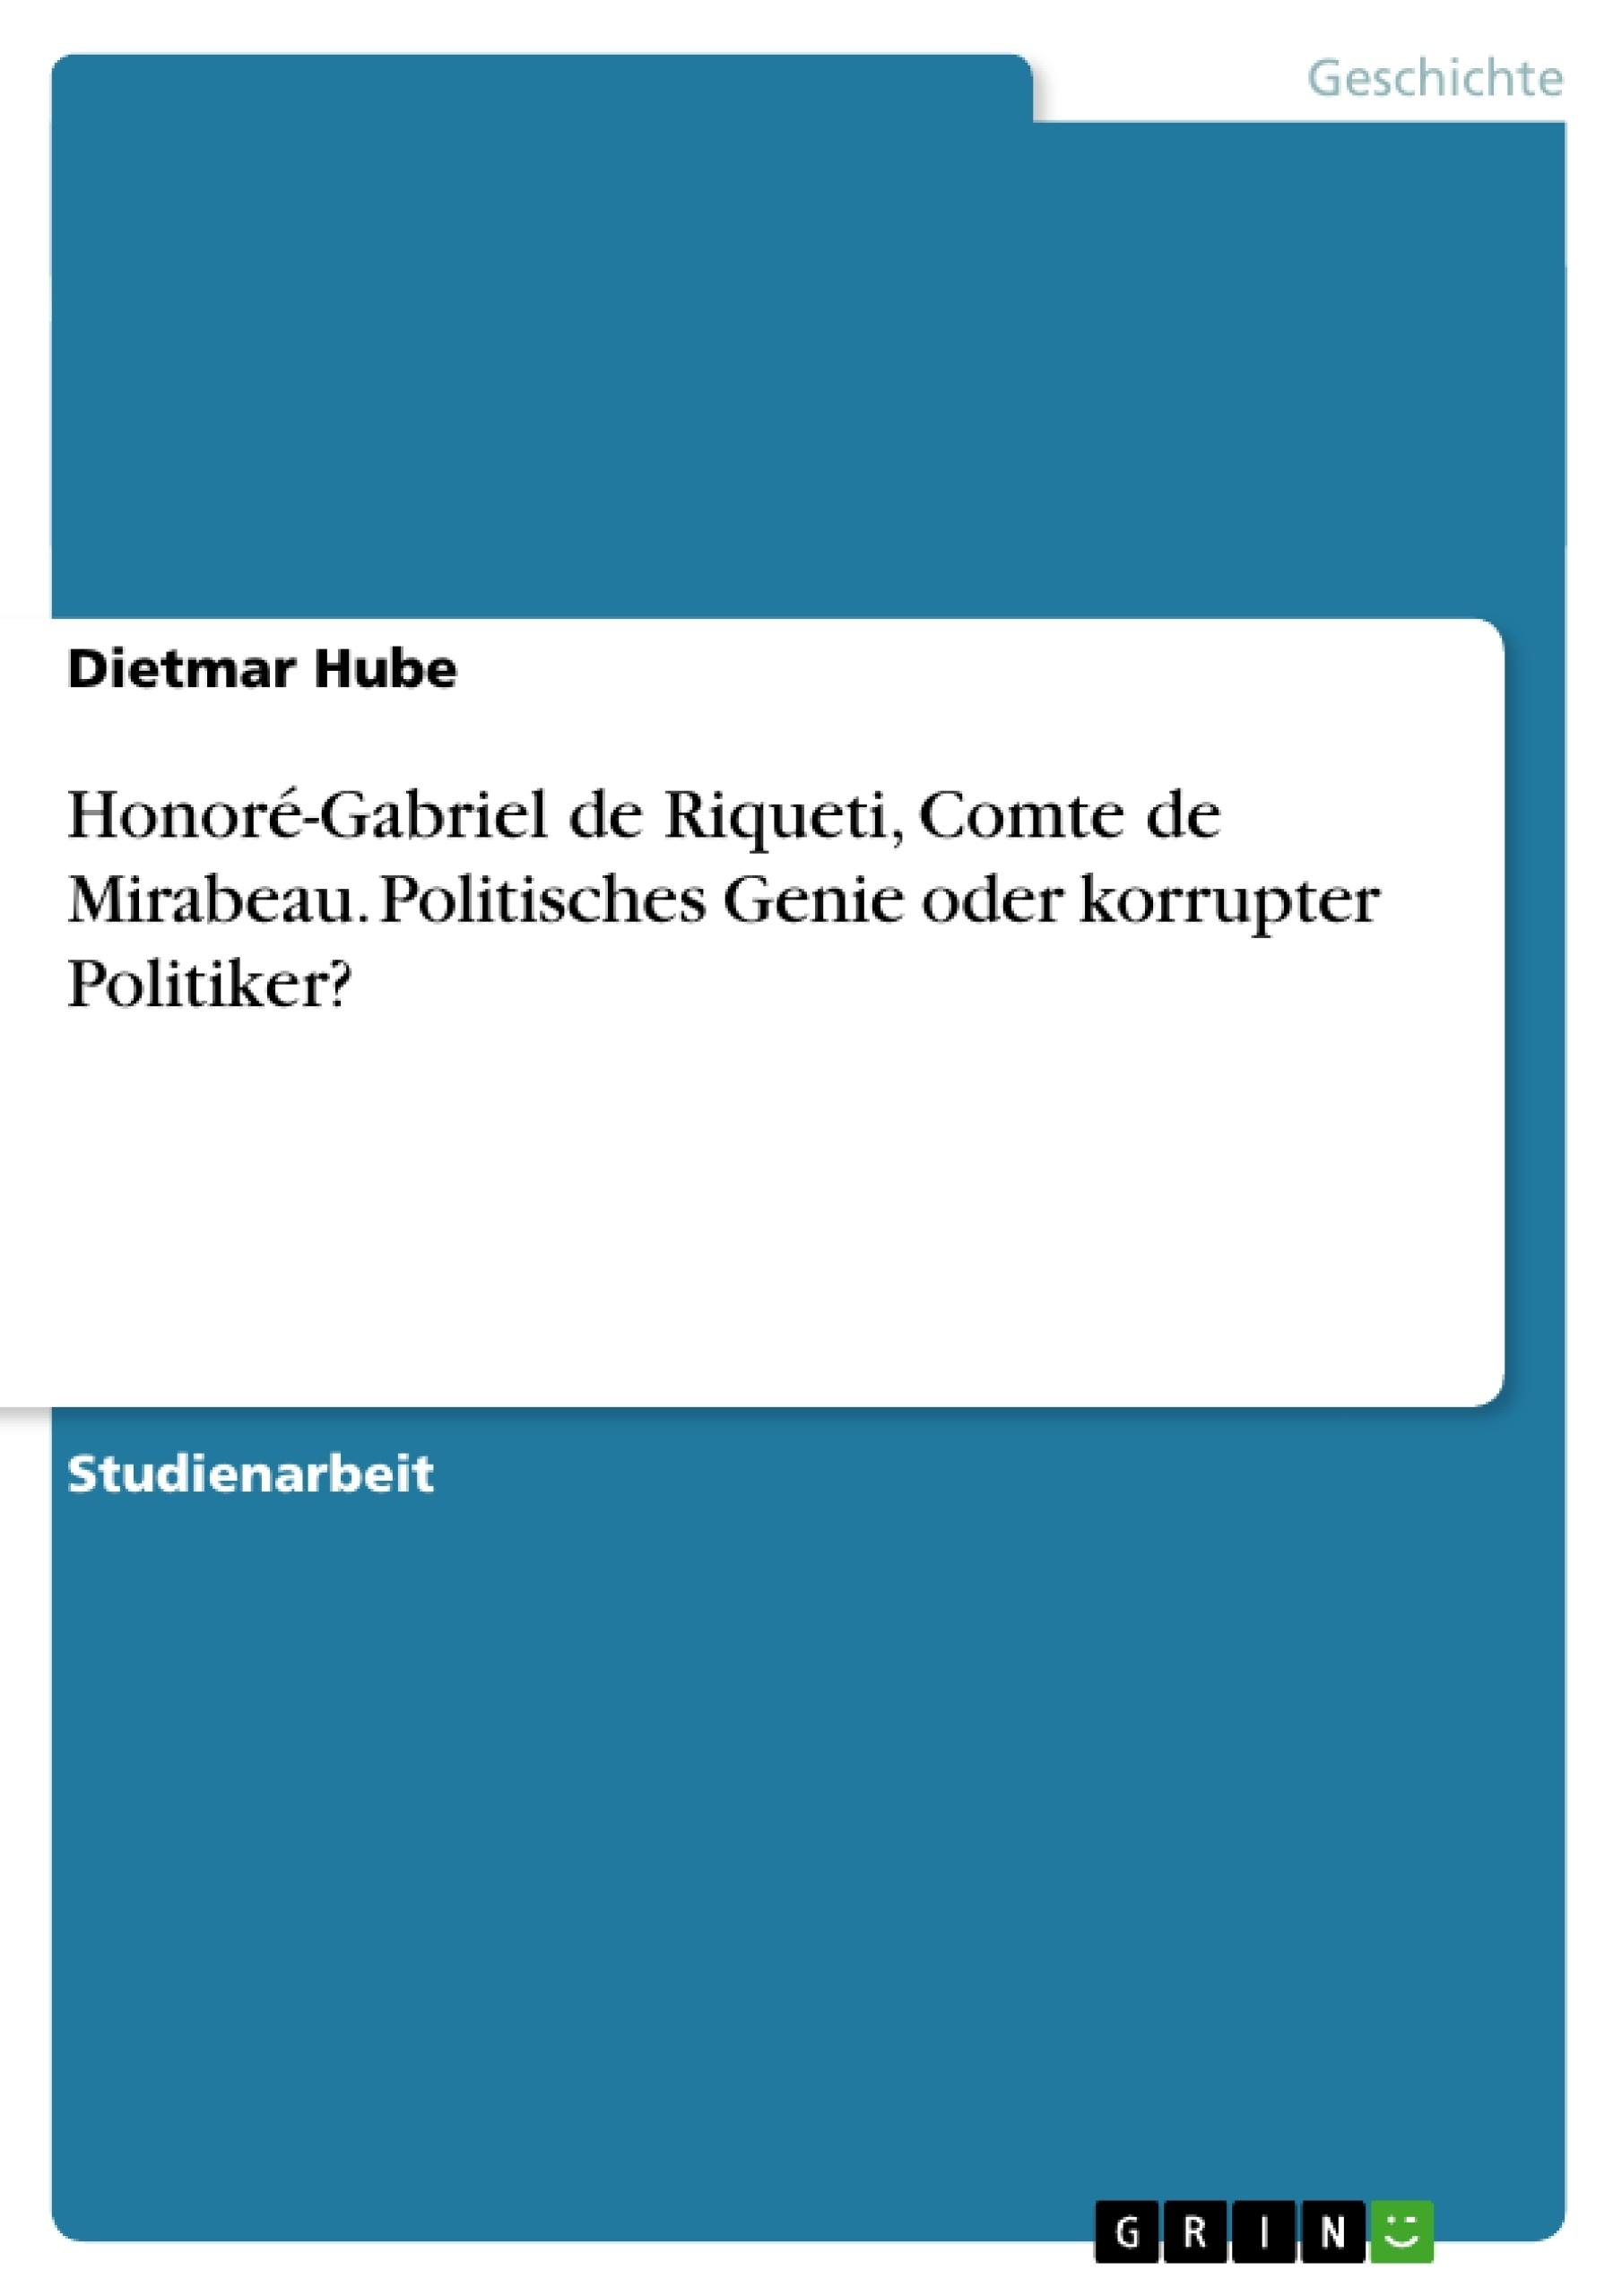 Titel: Honoré-Gabriel de Riqueti, Comte de Mirabeau. Politisches Genie oder korrupter Politiker?